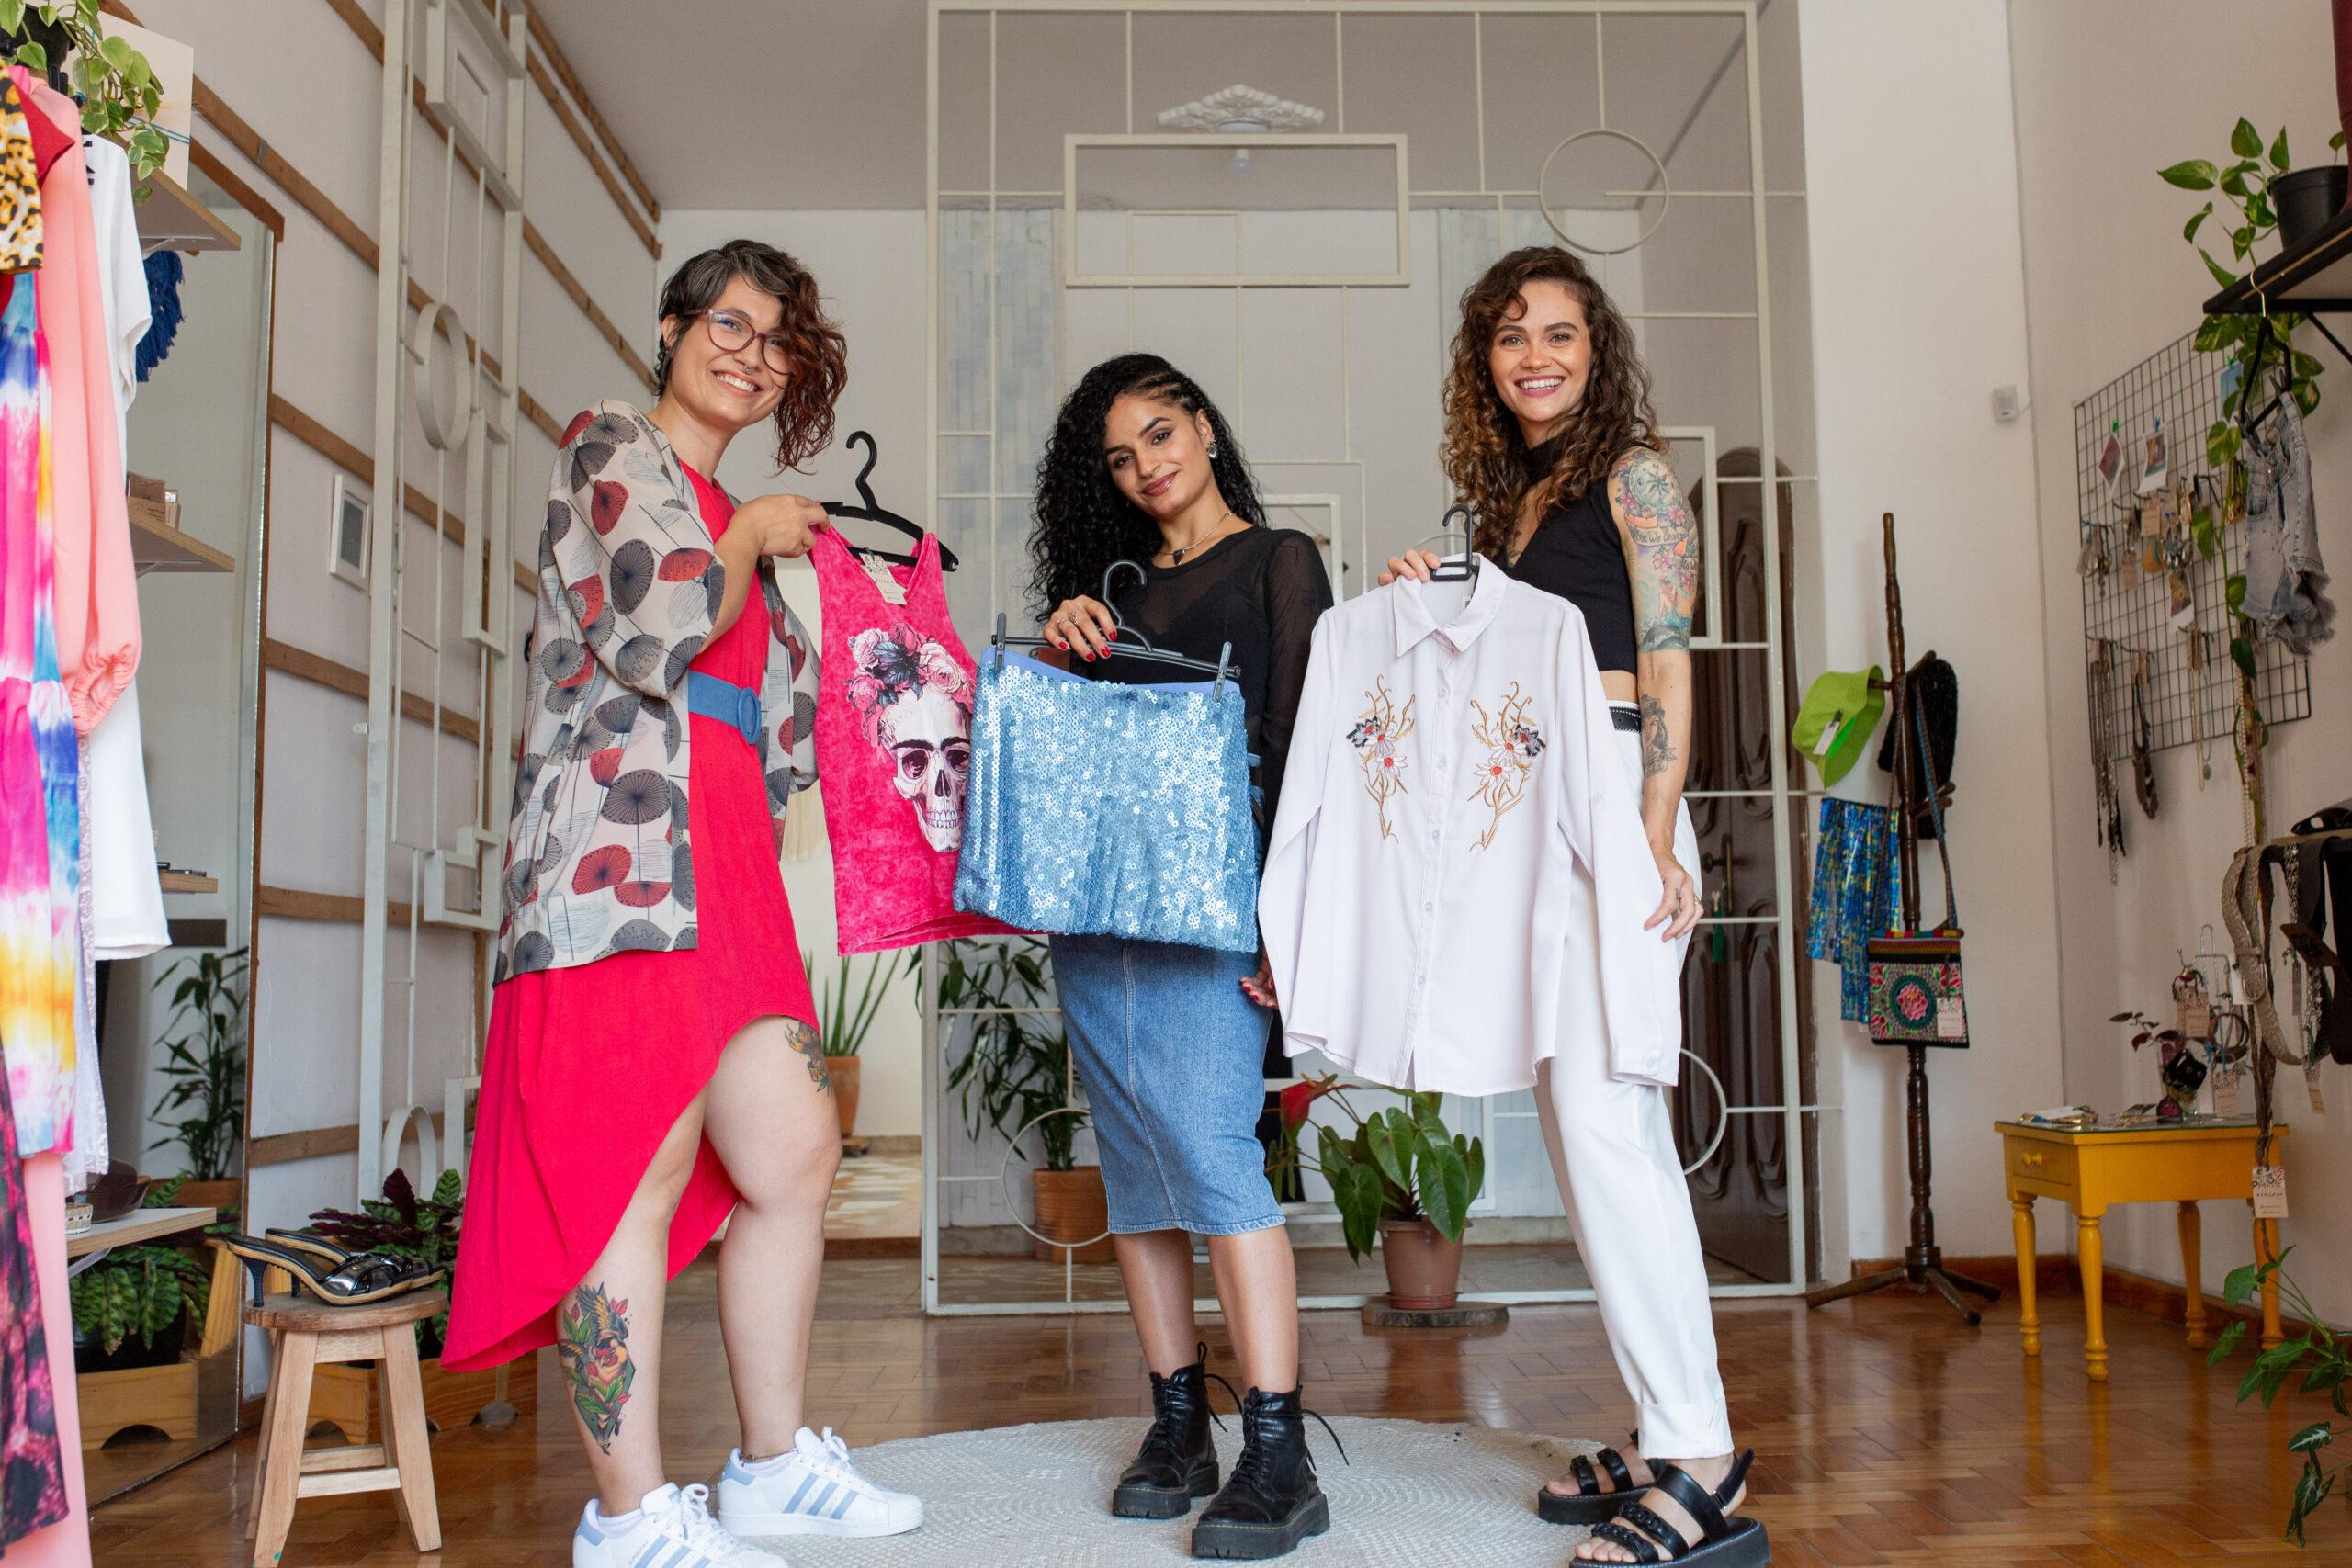 Cuidado do brechó com as roupas e ambiente aconchegante são marcas do Espacim, de Governador Valadares - Crédito: Ana Paula Assis